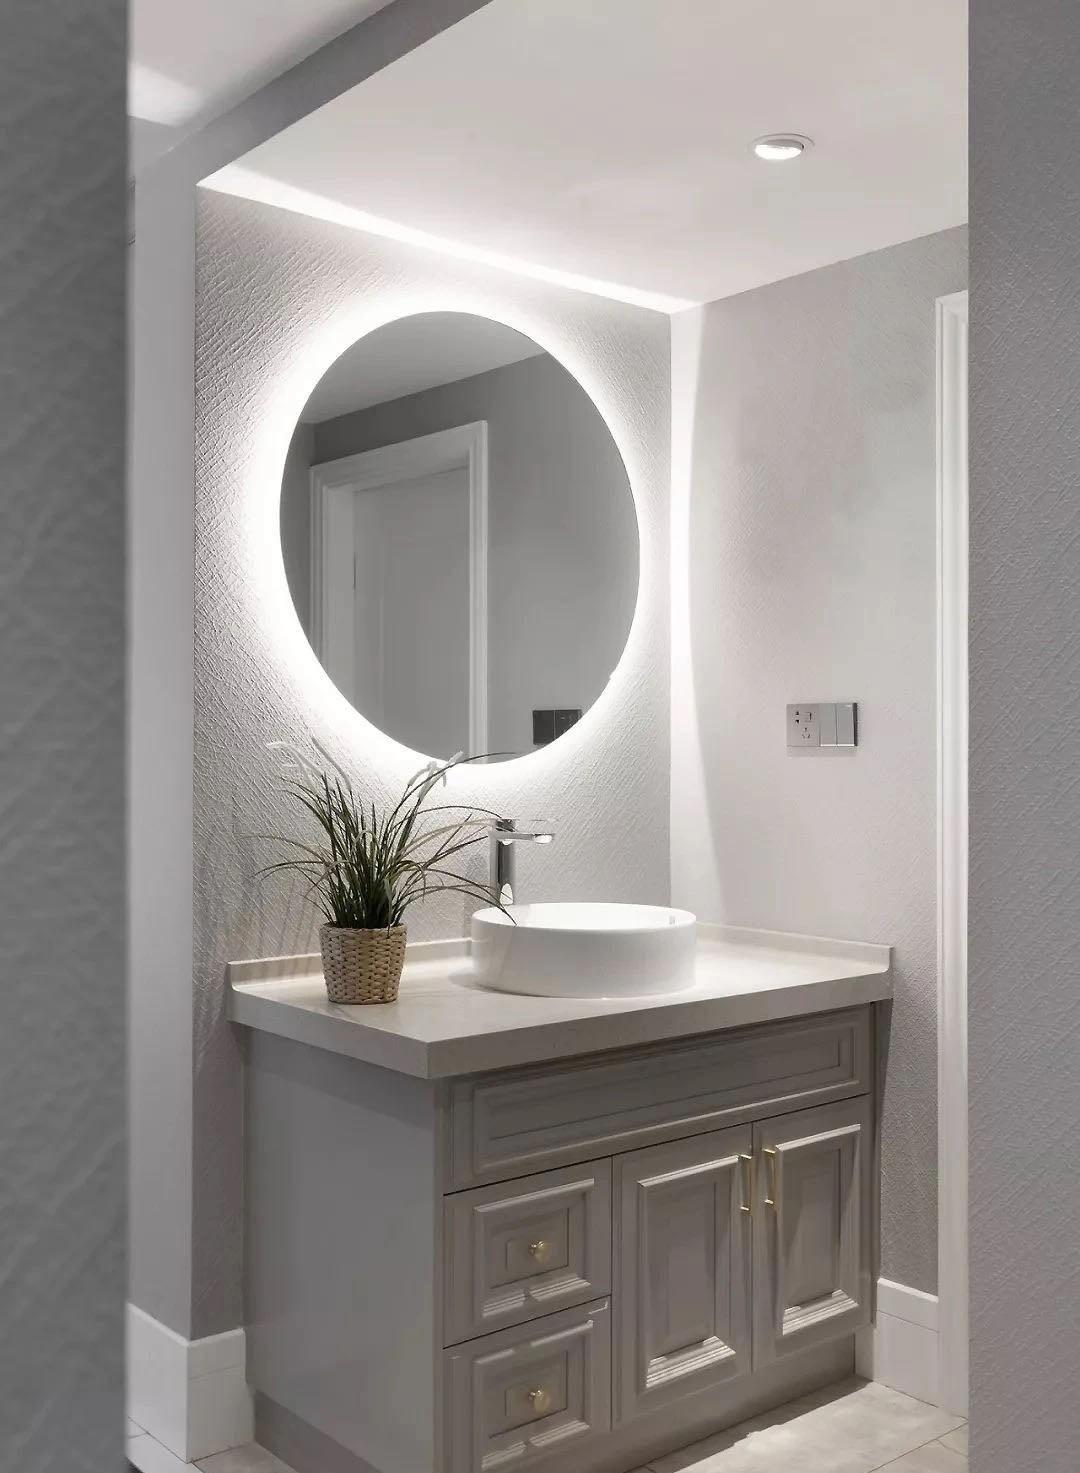 2021法式浴室设计图片 2021法式洗漱台装修设计图片